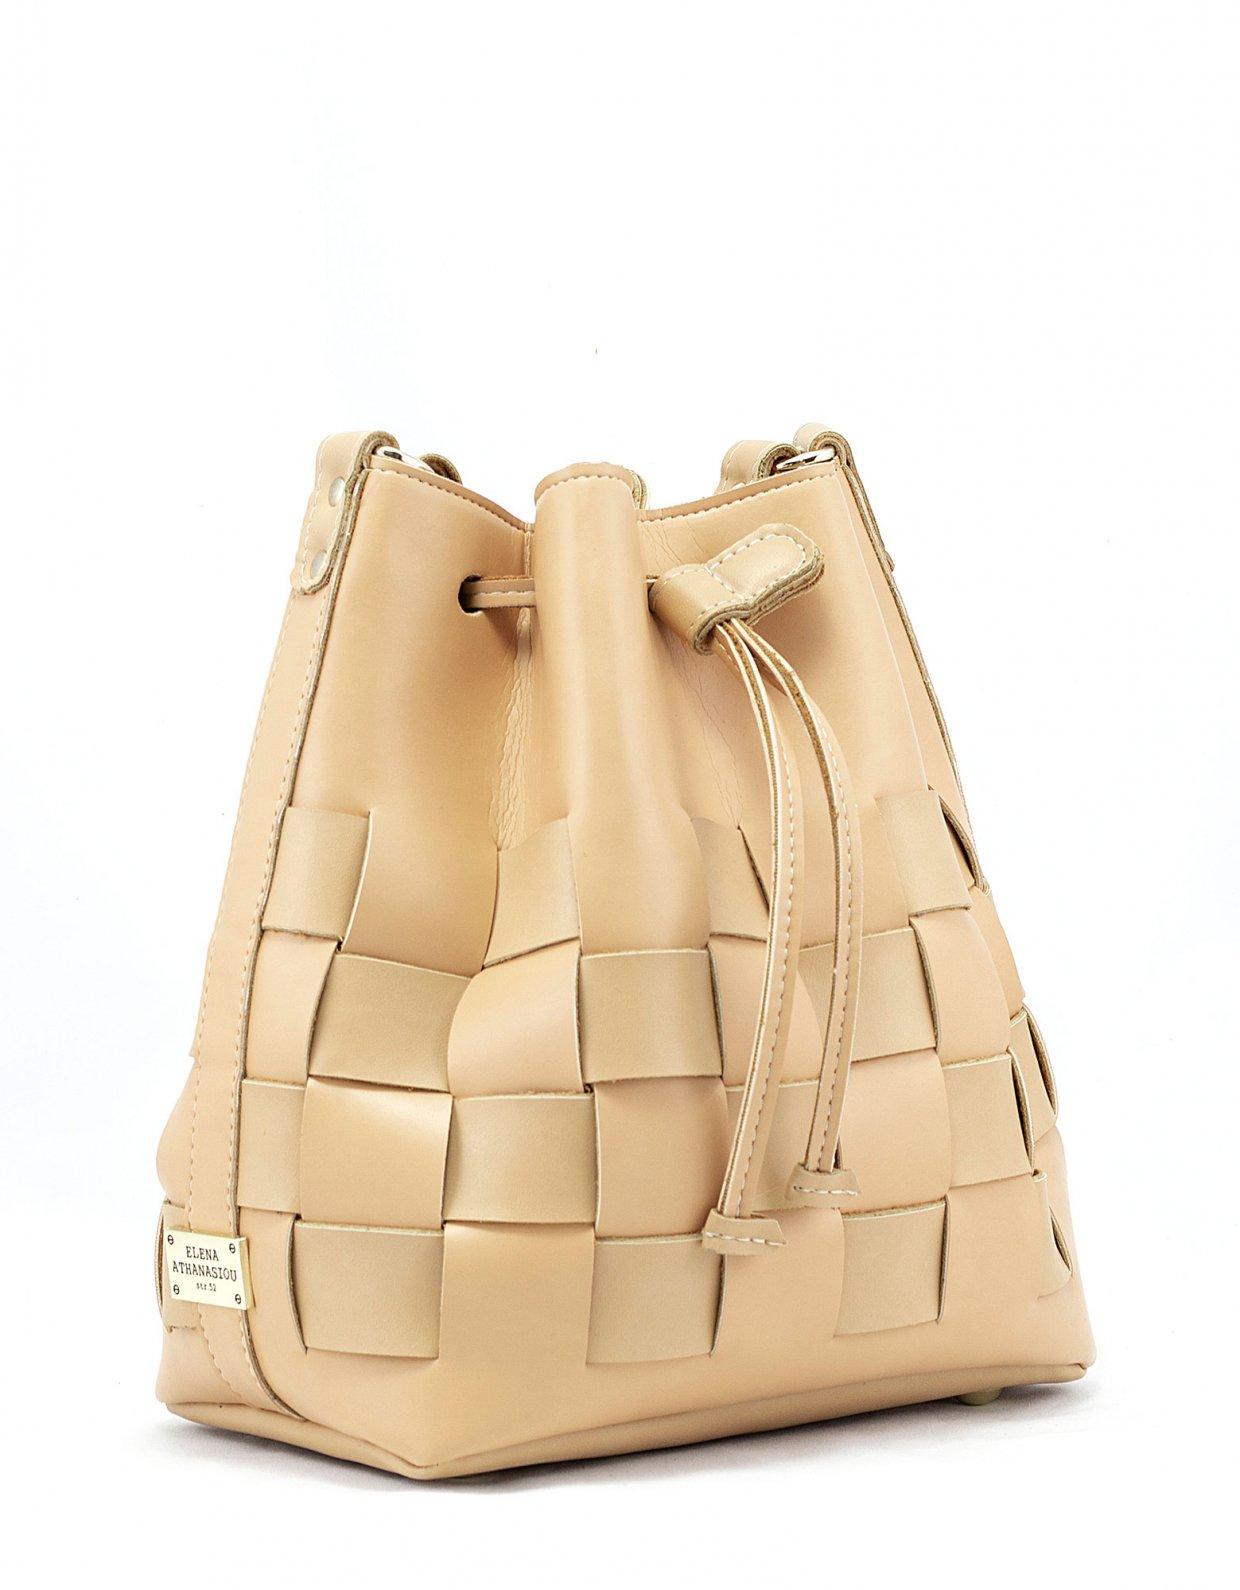 Elena Athanasiou Straw pouch bag caramela